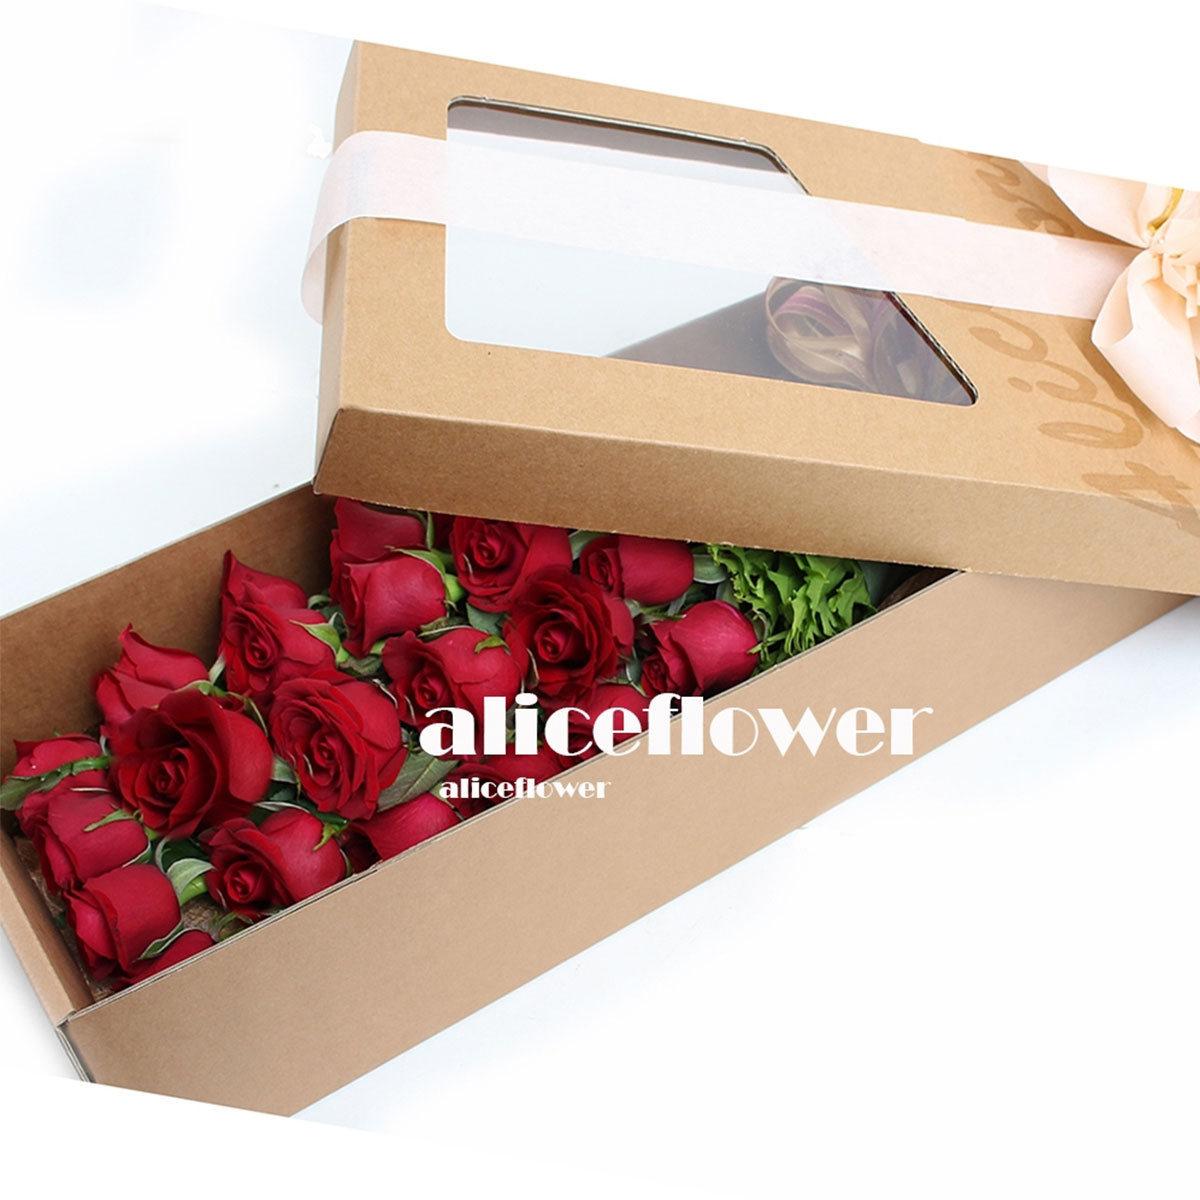 台北愛麗絲花坊歌聲魅影盒裝花